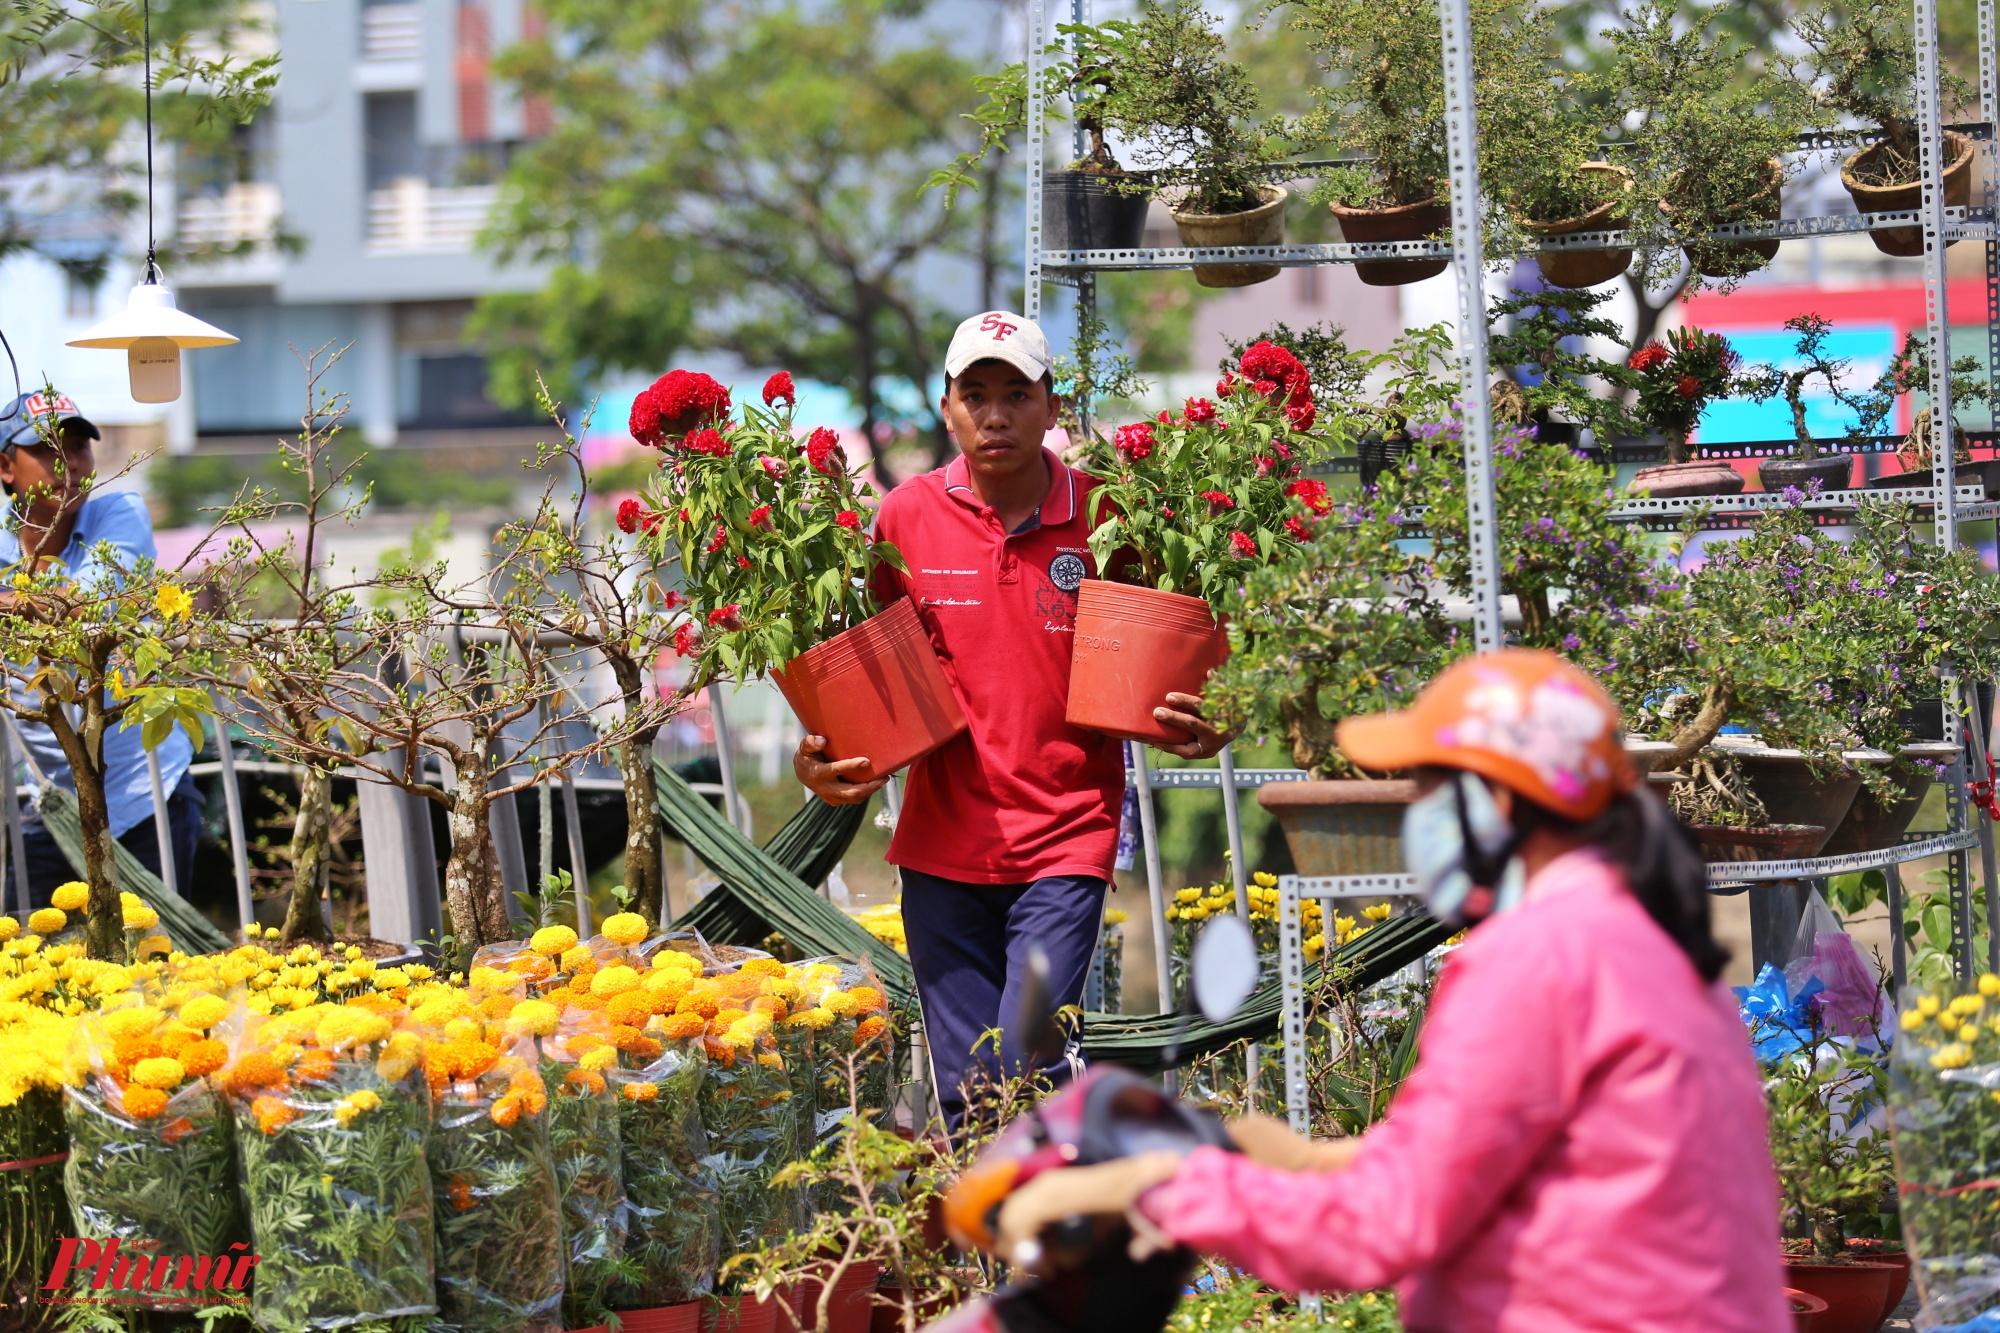 Bến Bình Đông là nơi trao đổi hàng hóa giữa Sài Gòn với các tỉnh vùng Đồng bằng sông Cửu Long. Khoảng từ 23 tháng Chạp hàng năm, nơi đây lại nhộn nhịp ghe xuồng chở đầy ắp hoa kiểng từ miền Tây về bán cho người dân thành phố chơi xuân.